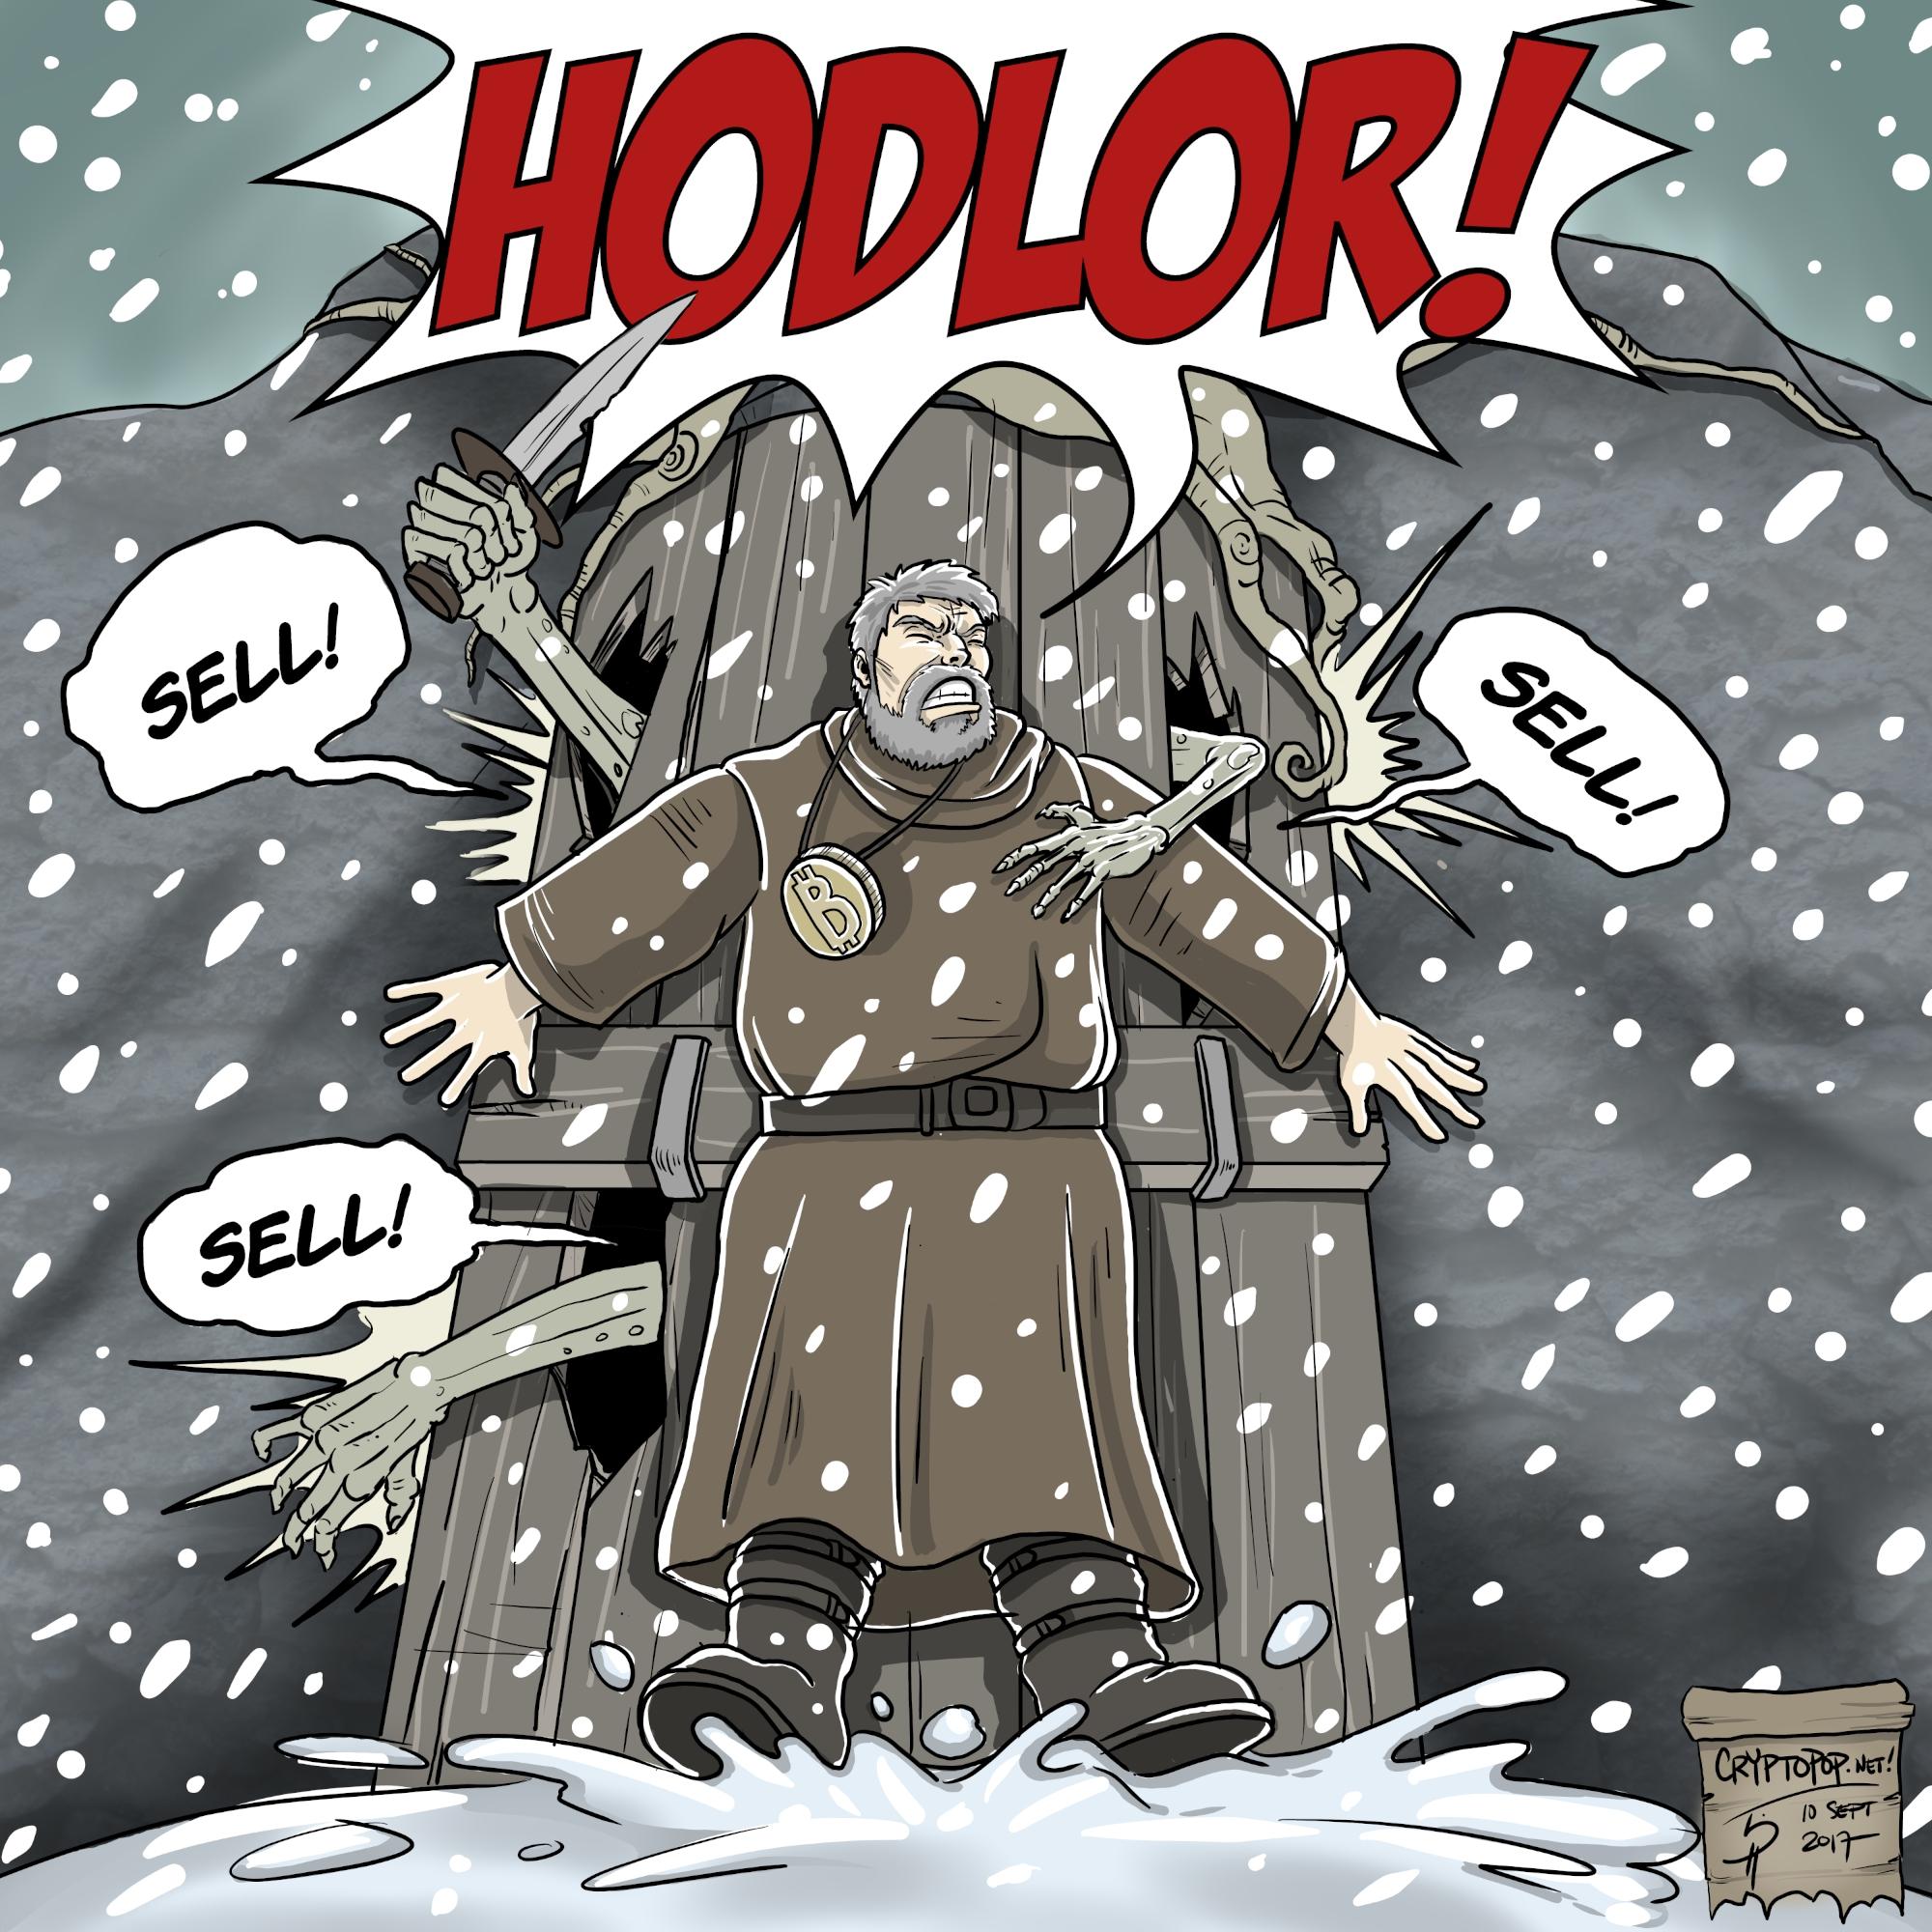 tiendientu.org-hold-bitcoin-6